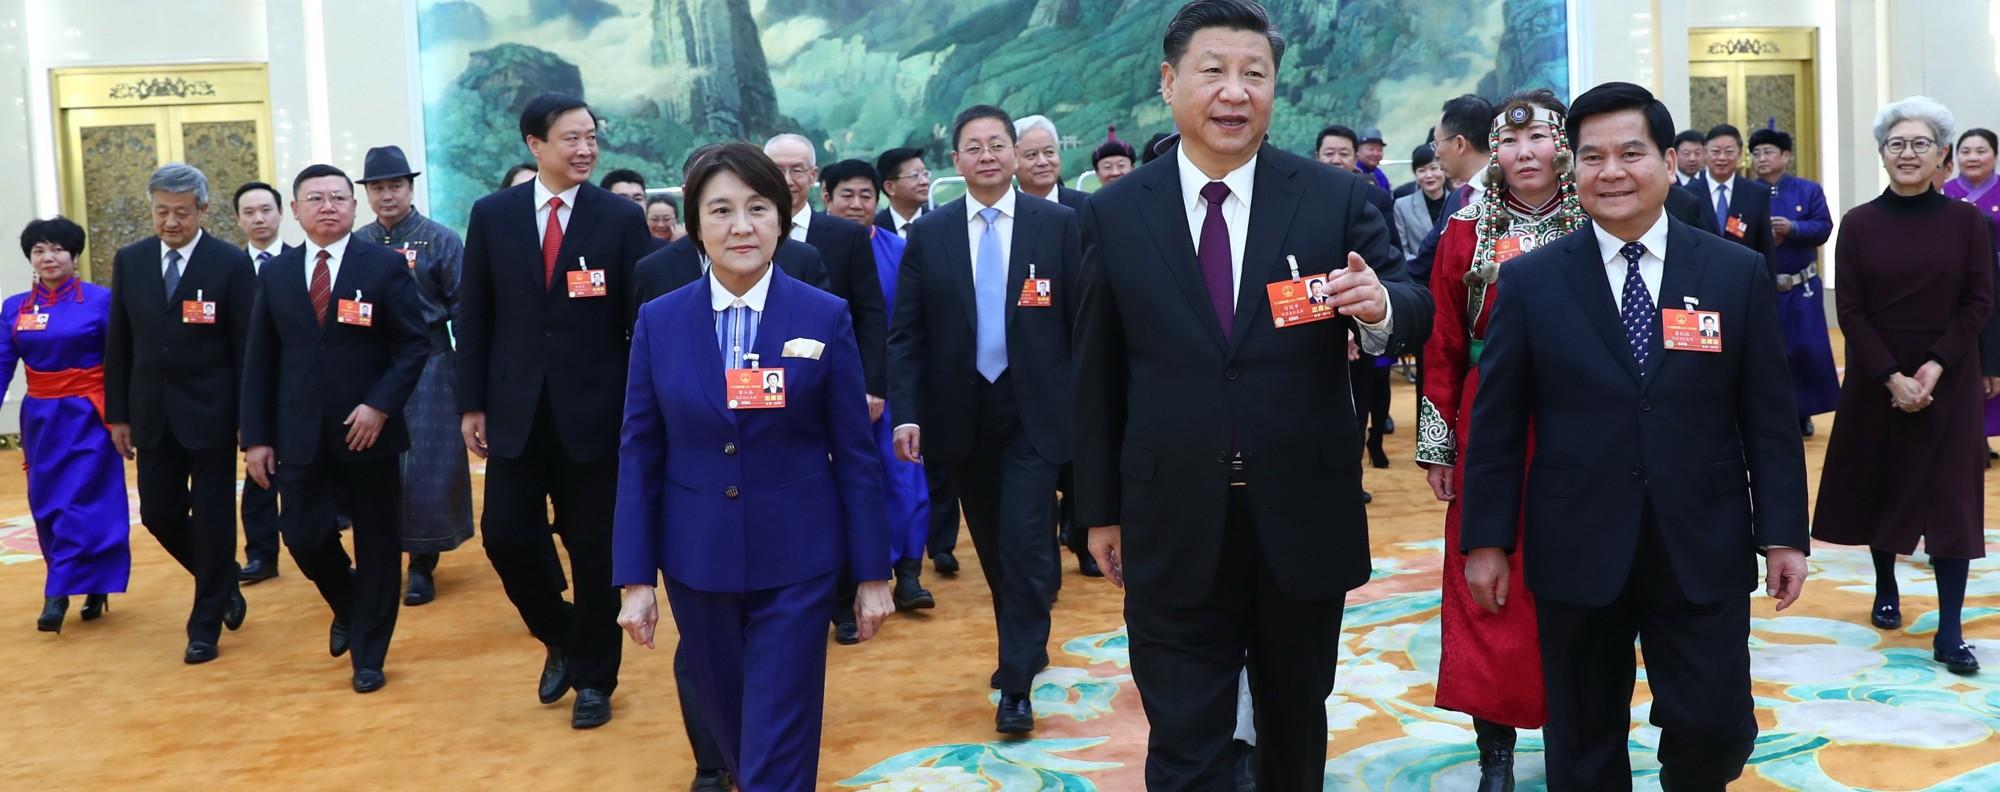 Xi Jinping at the NPC. Photo: Xinhua